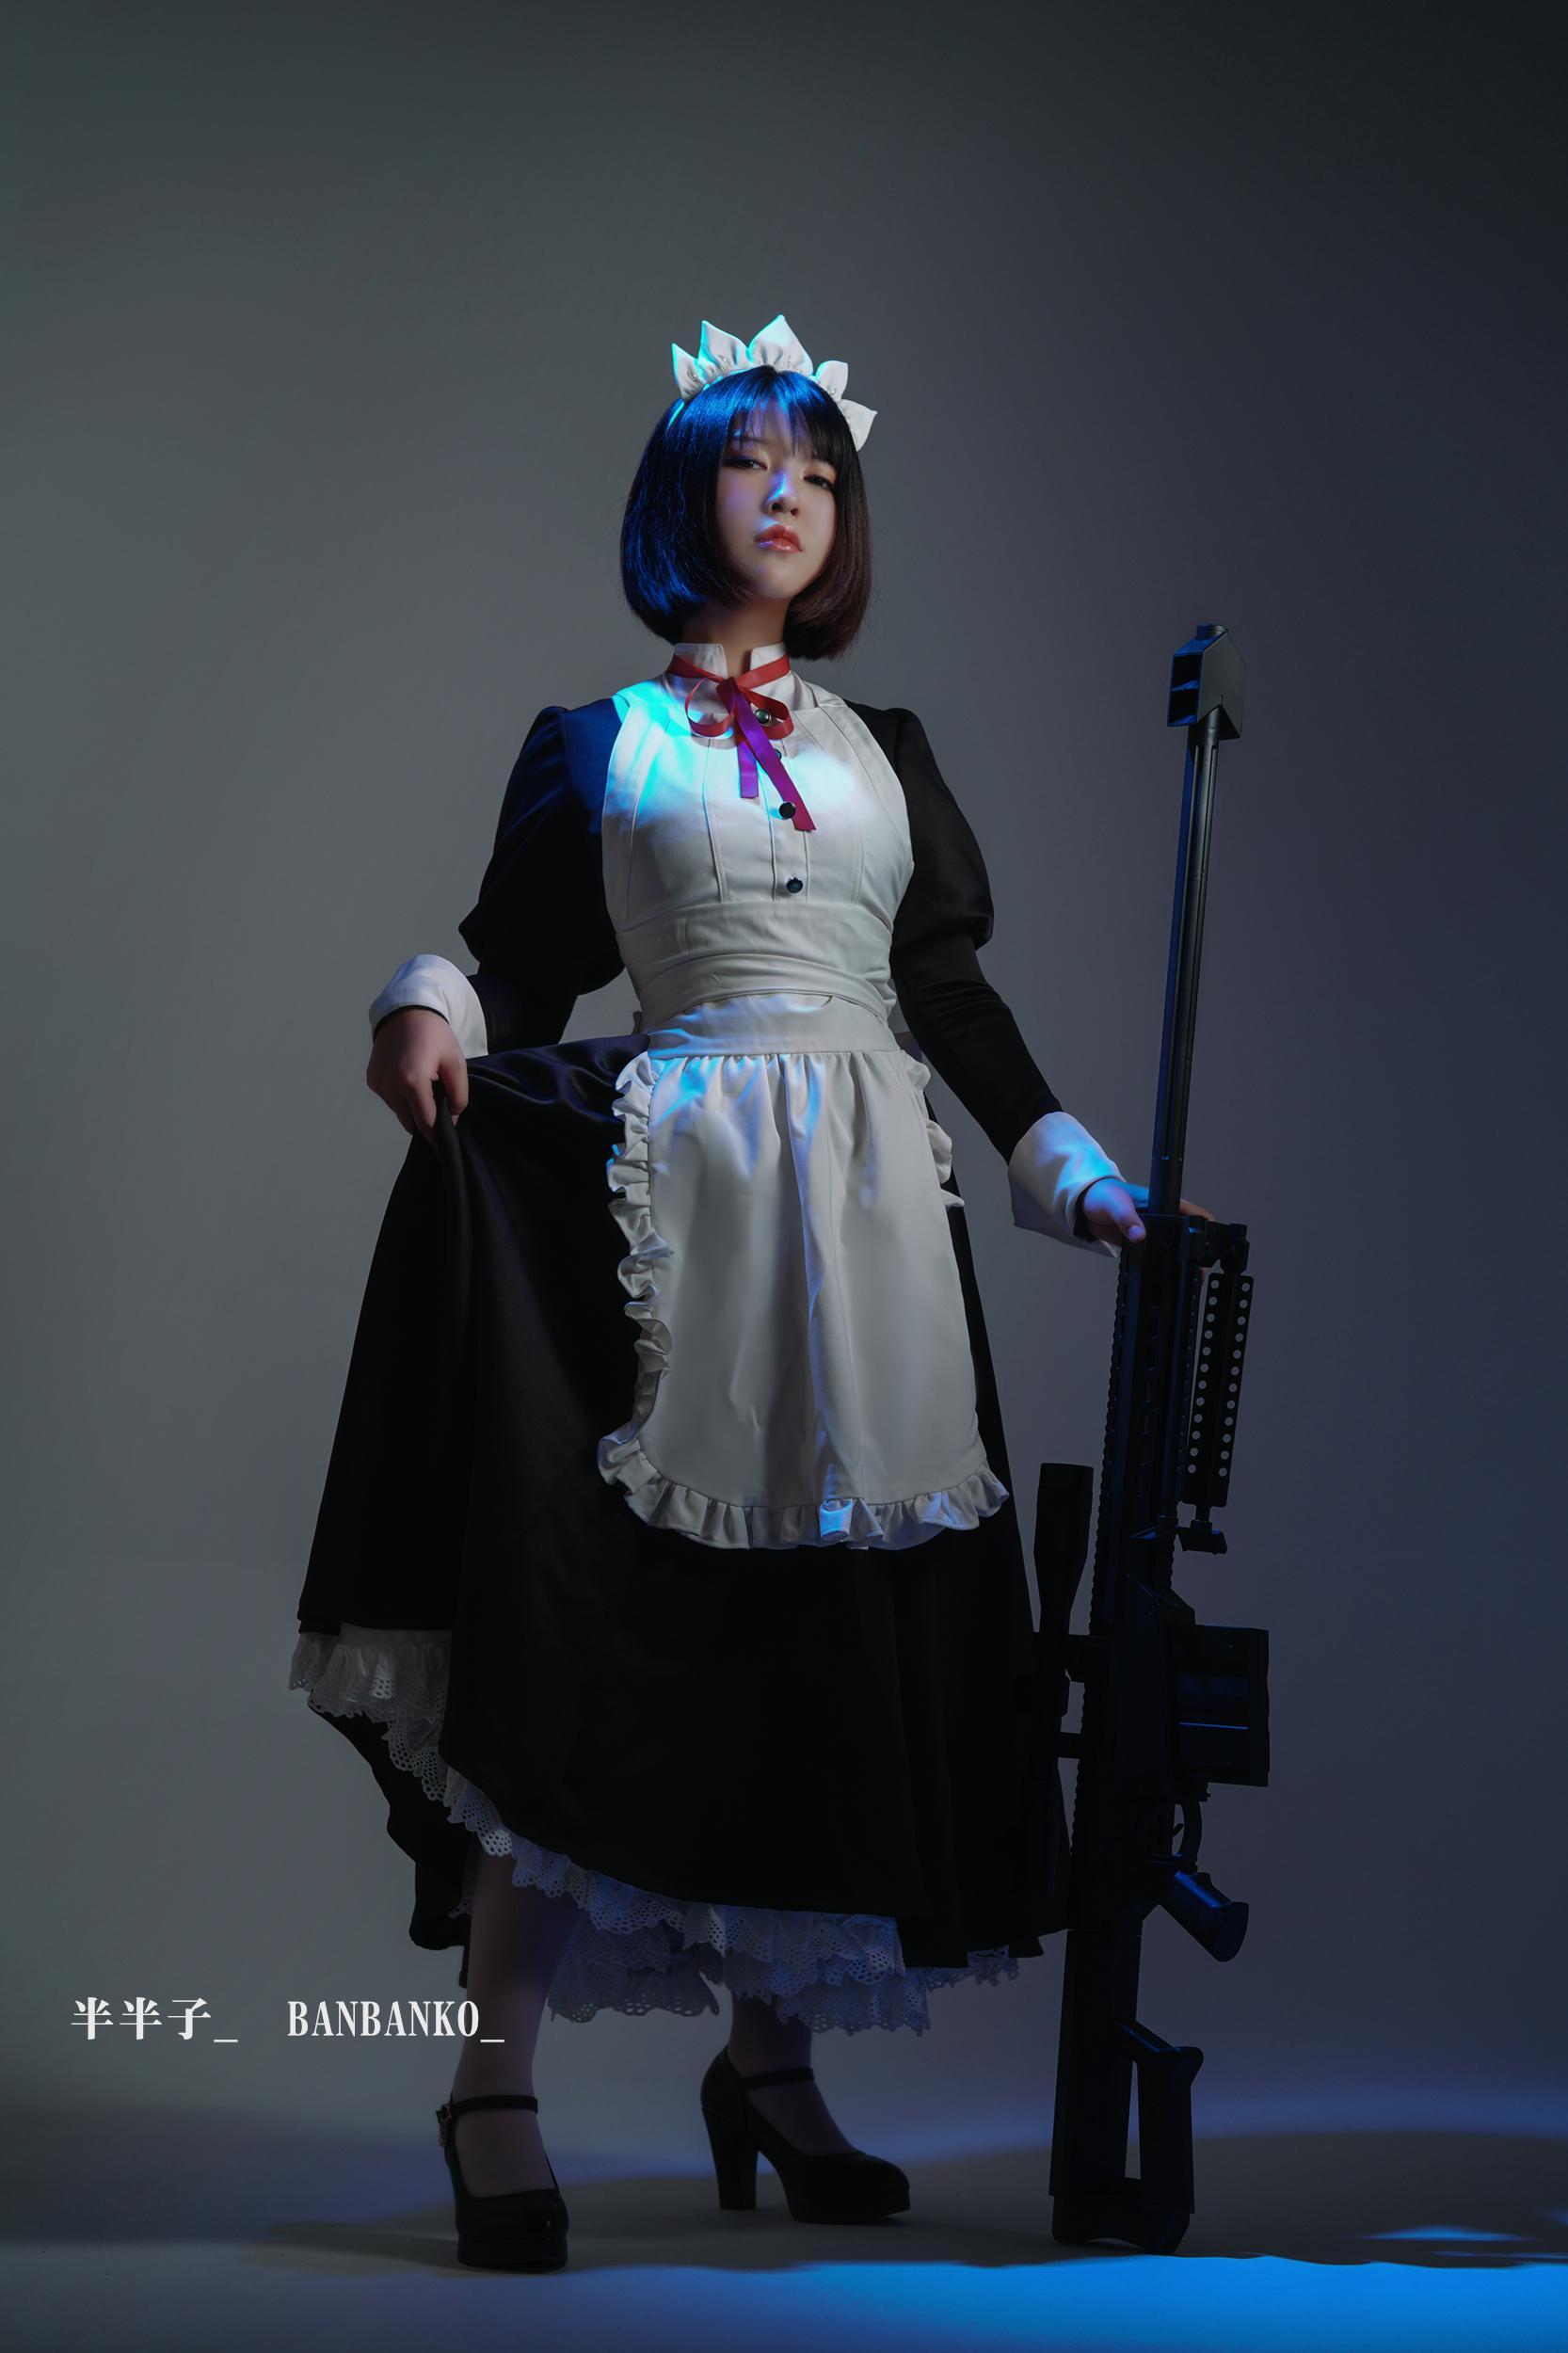 女仆cosplay【CN:半半子】-第1张